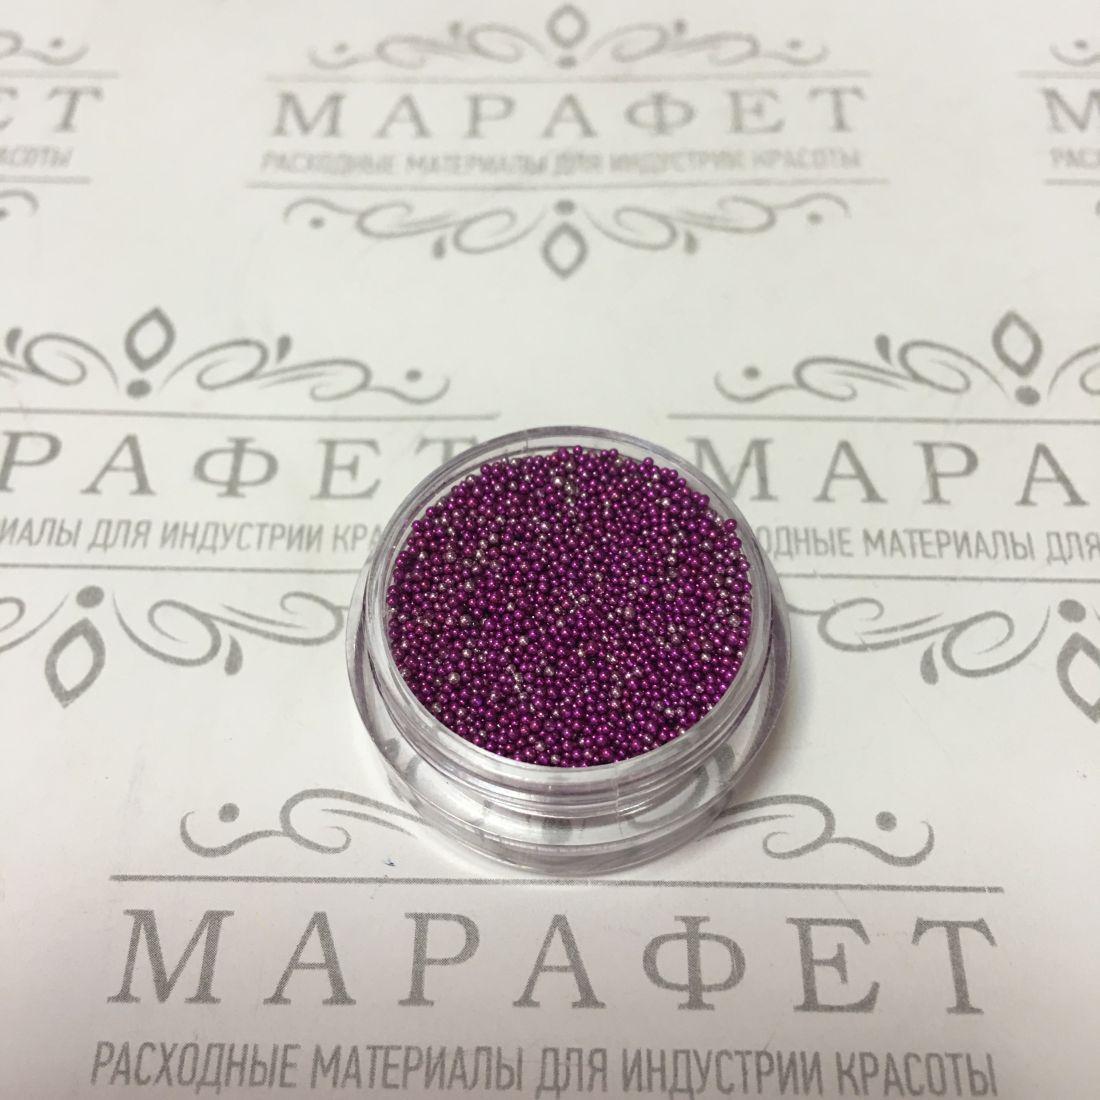 Бульонки для дизайна 2,5гр серебро-фиолет